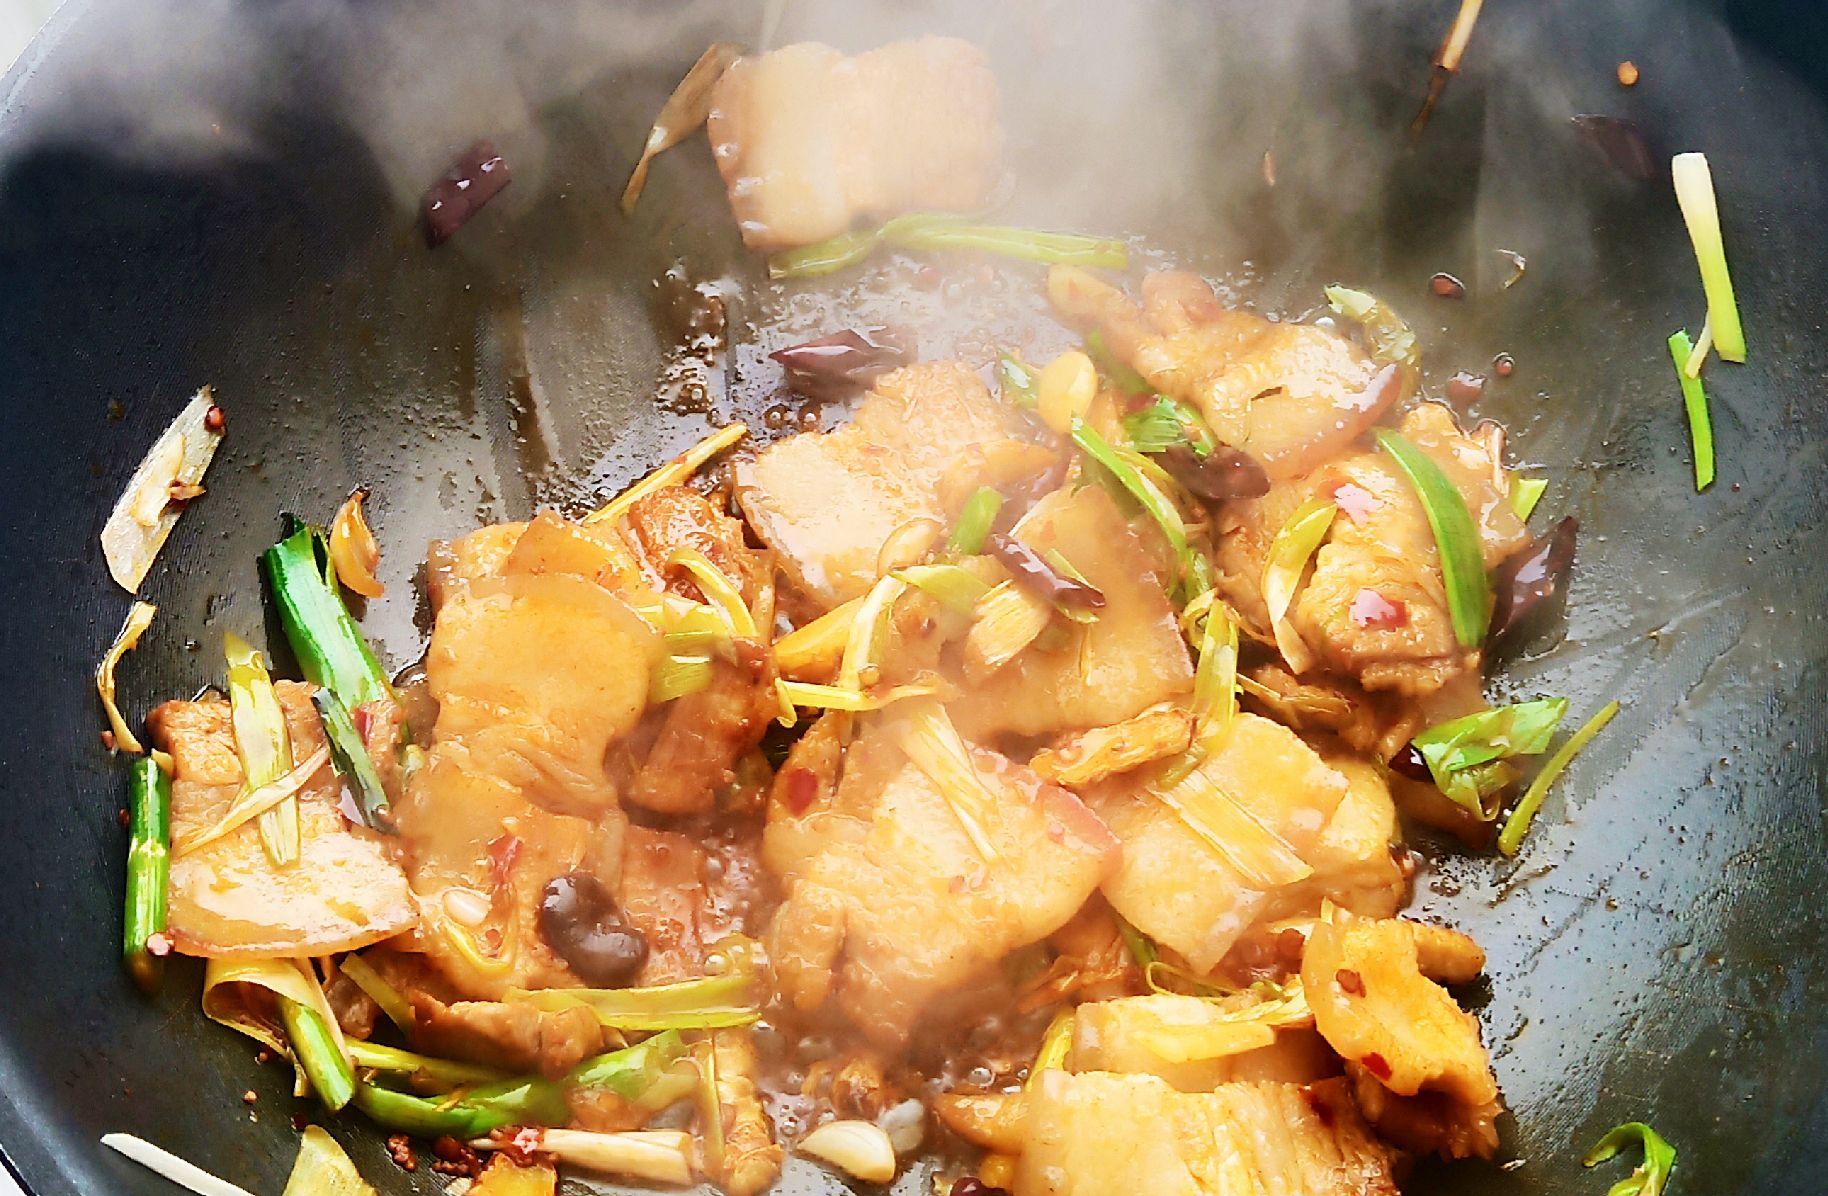 蒜苗回锅肉怎样煮